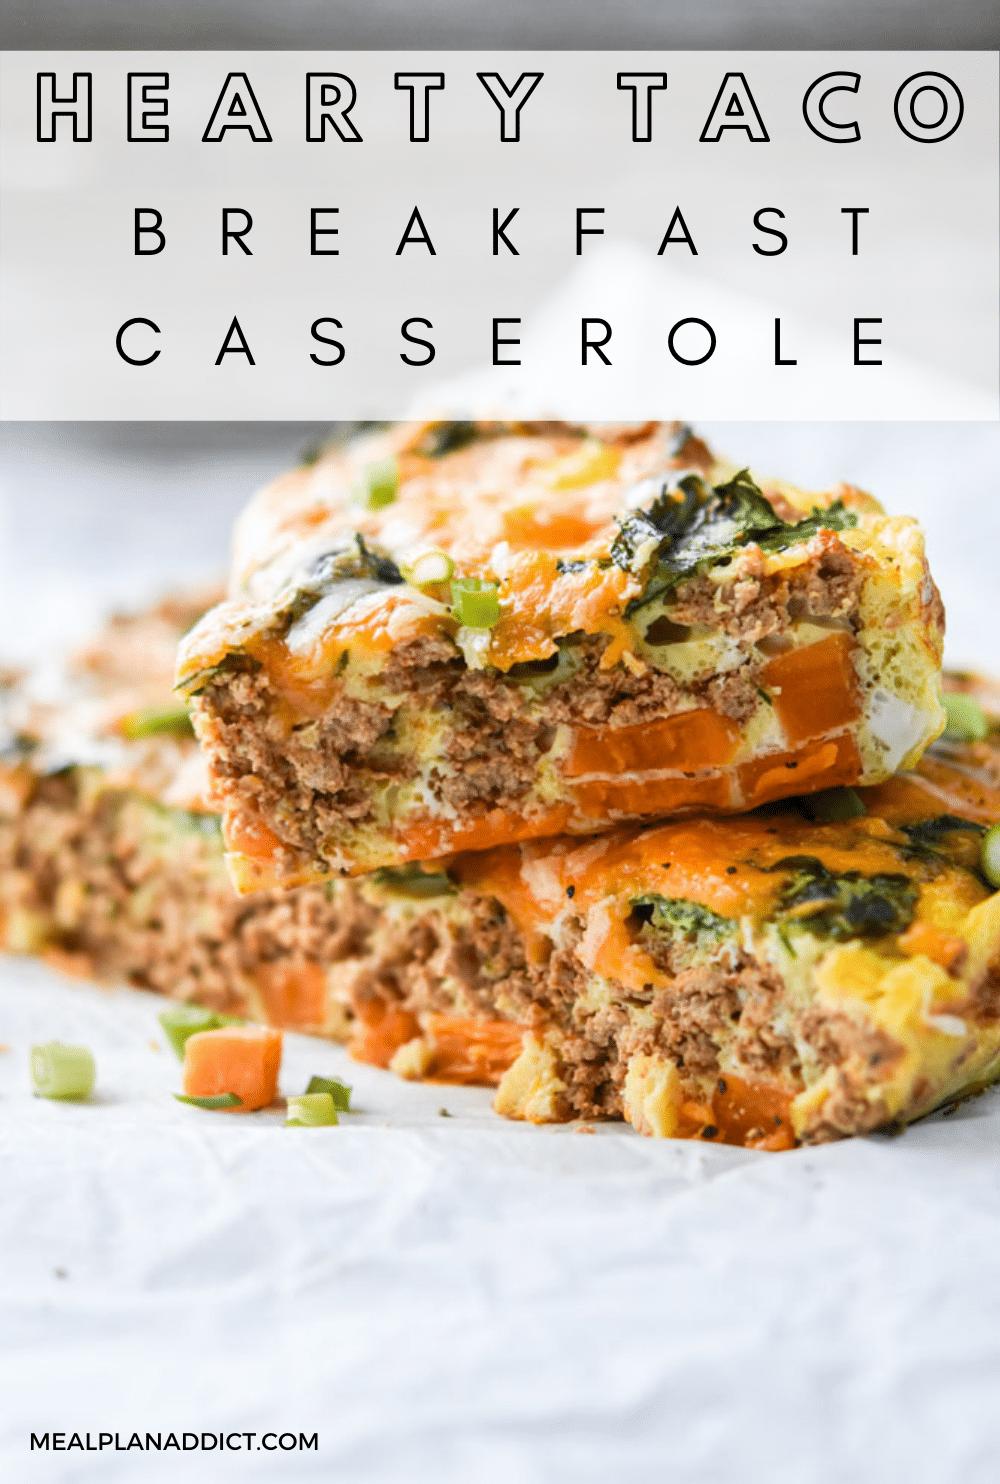 Breakfast casserole pin for Pinterest